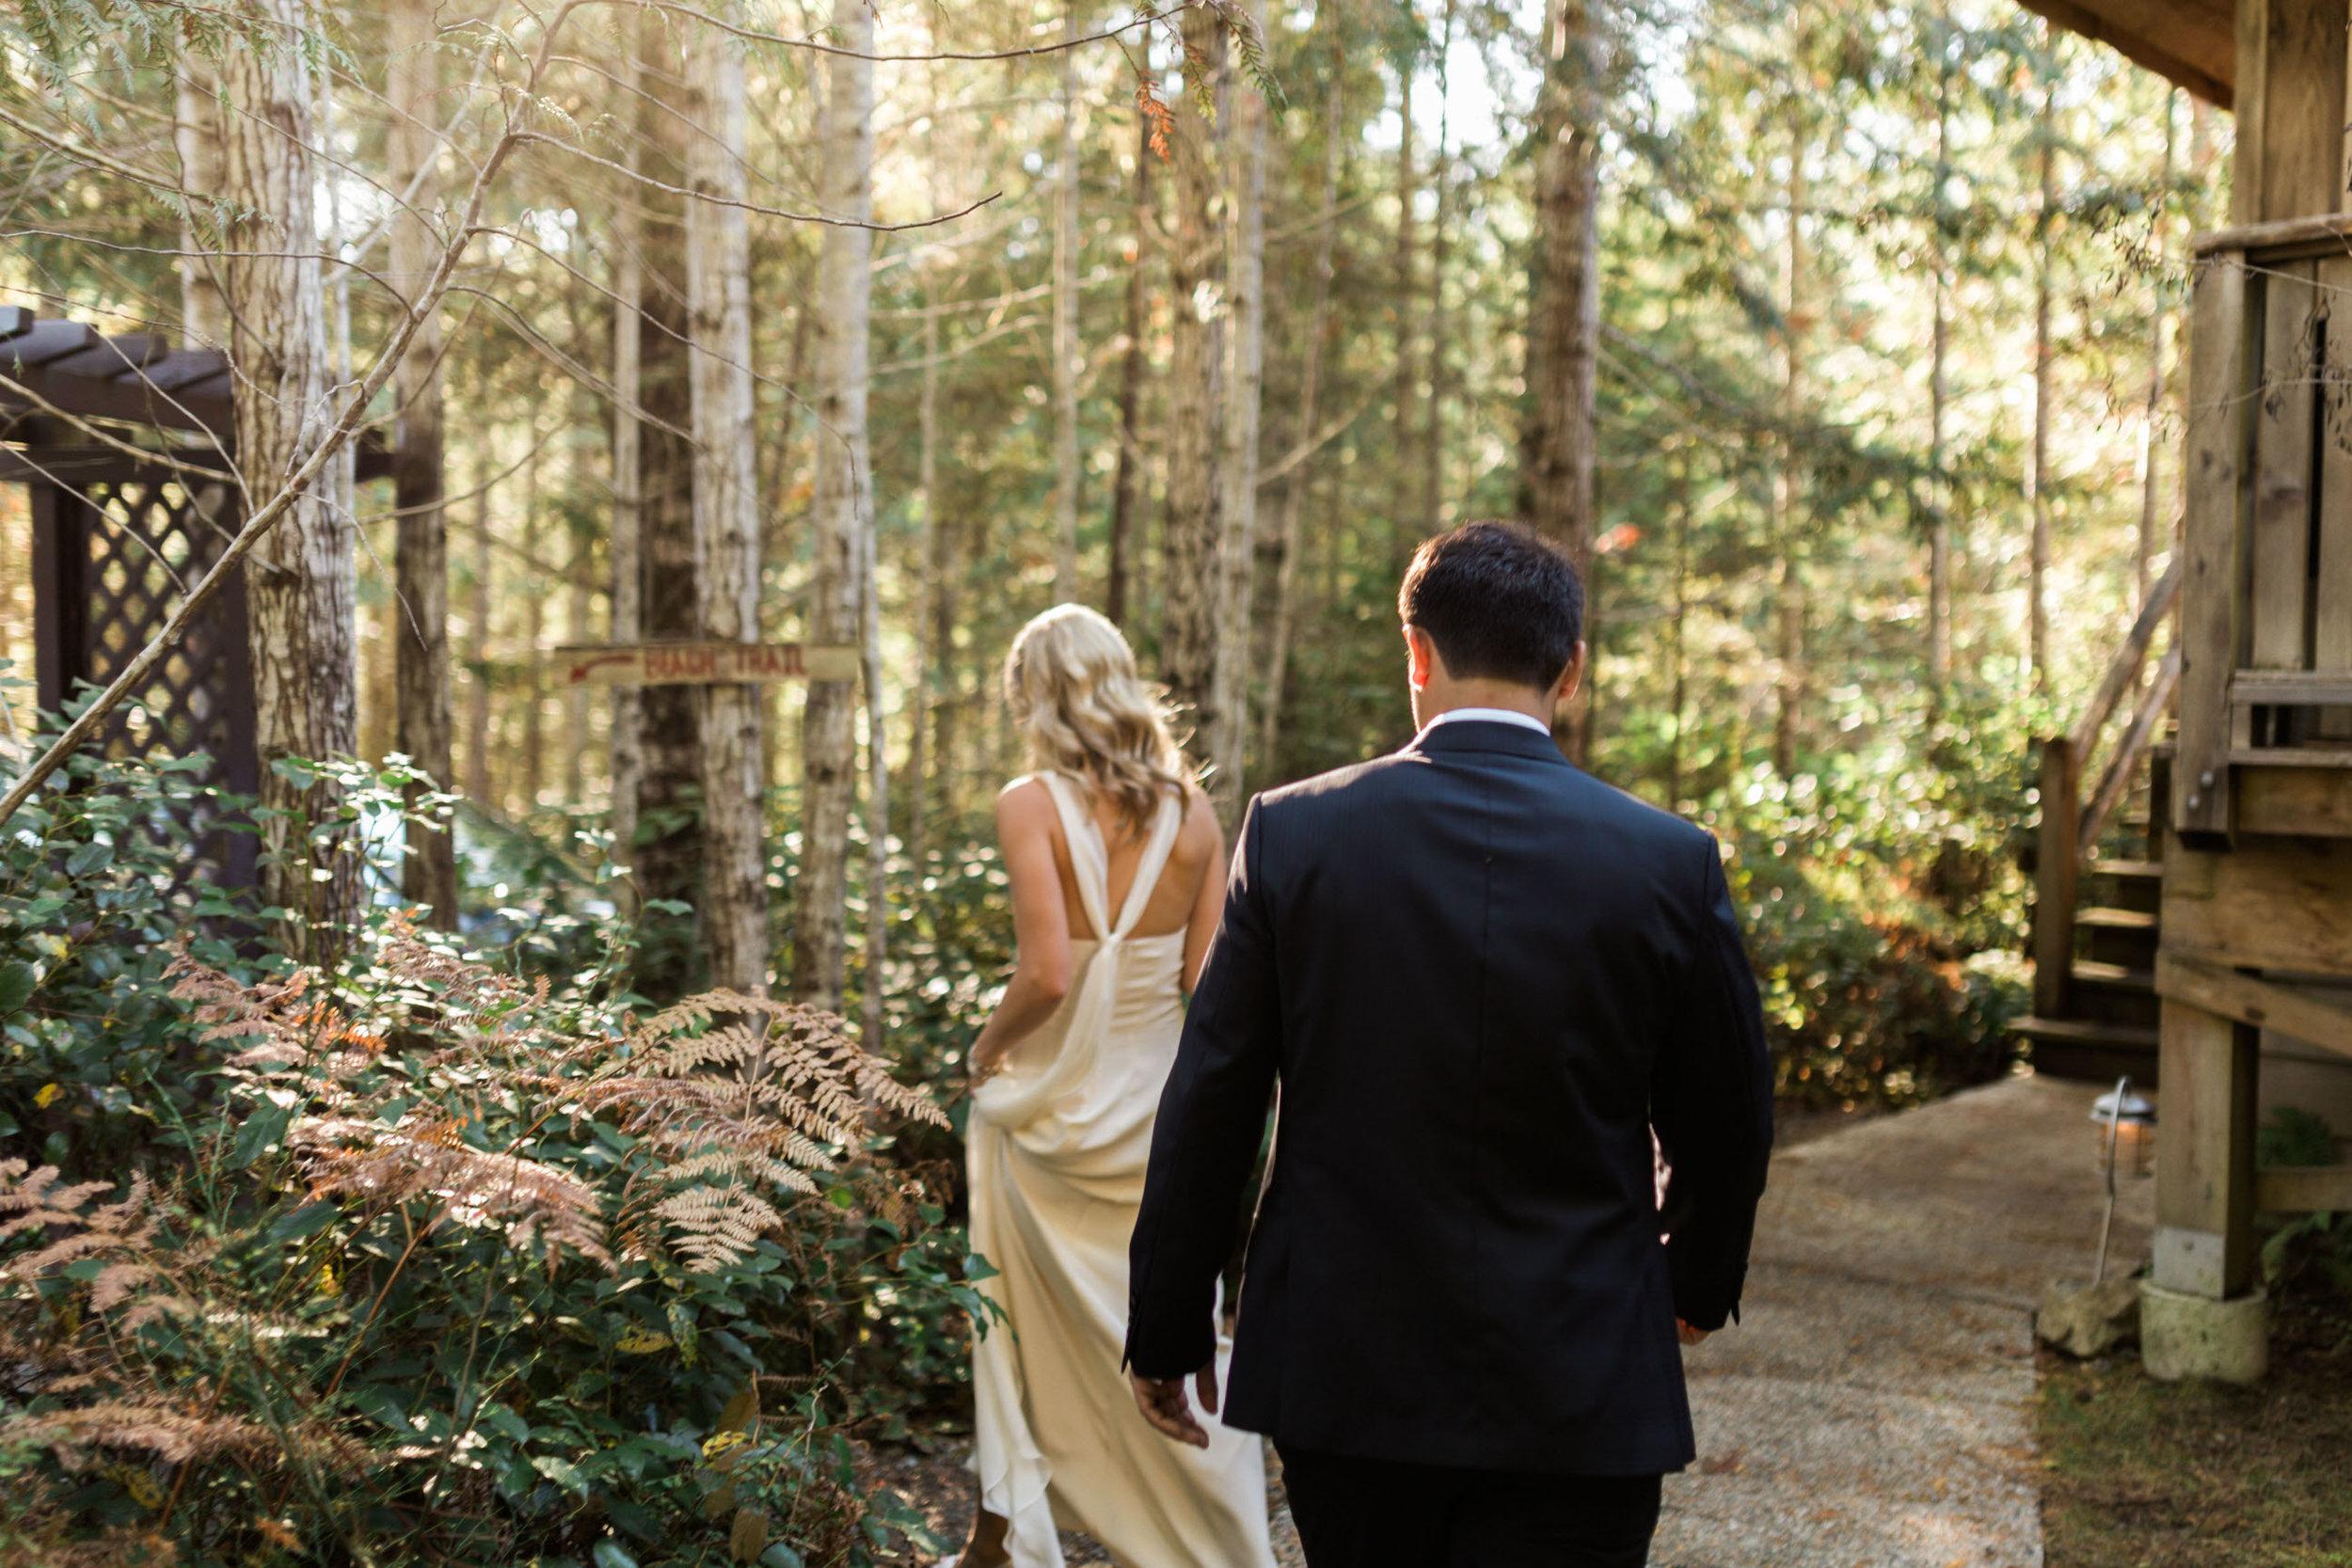 Sunshine Coast Wedding Photographer - Vancouver Wedding Photographer - West Coast Wilderness Lodge Wedding - Jennifer Picard Photography - IMG_7378.jpg